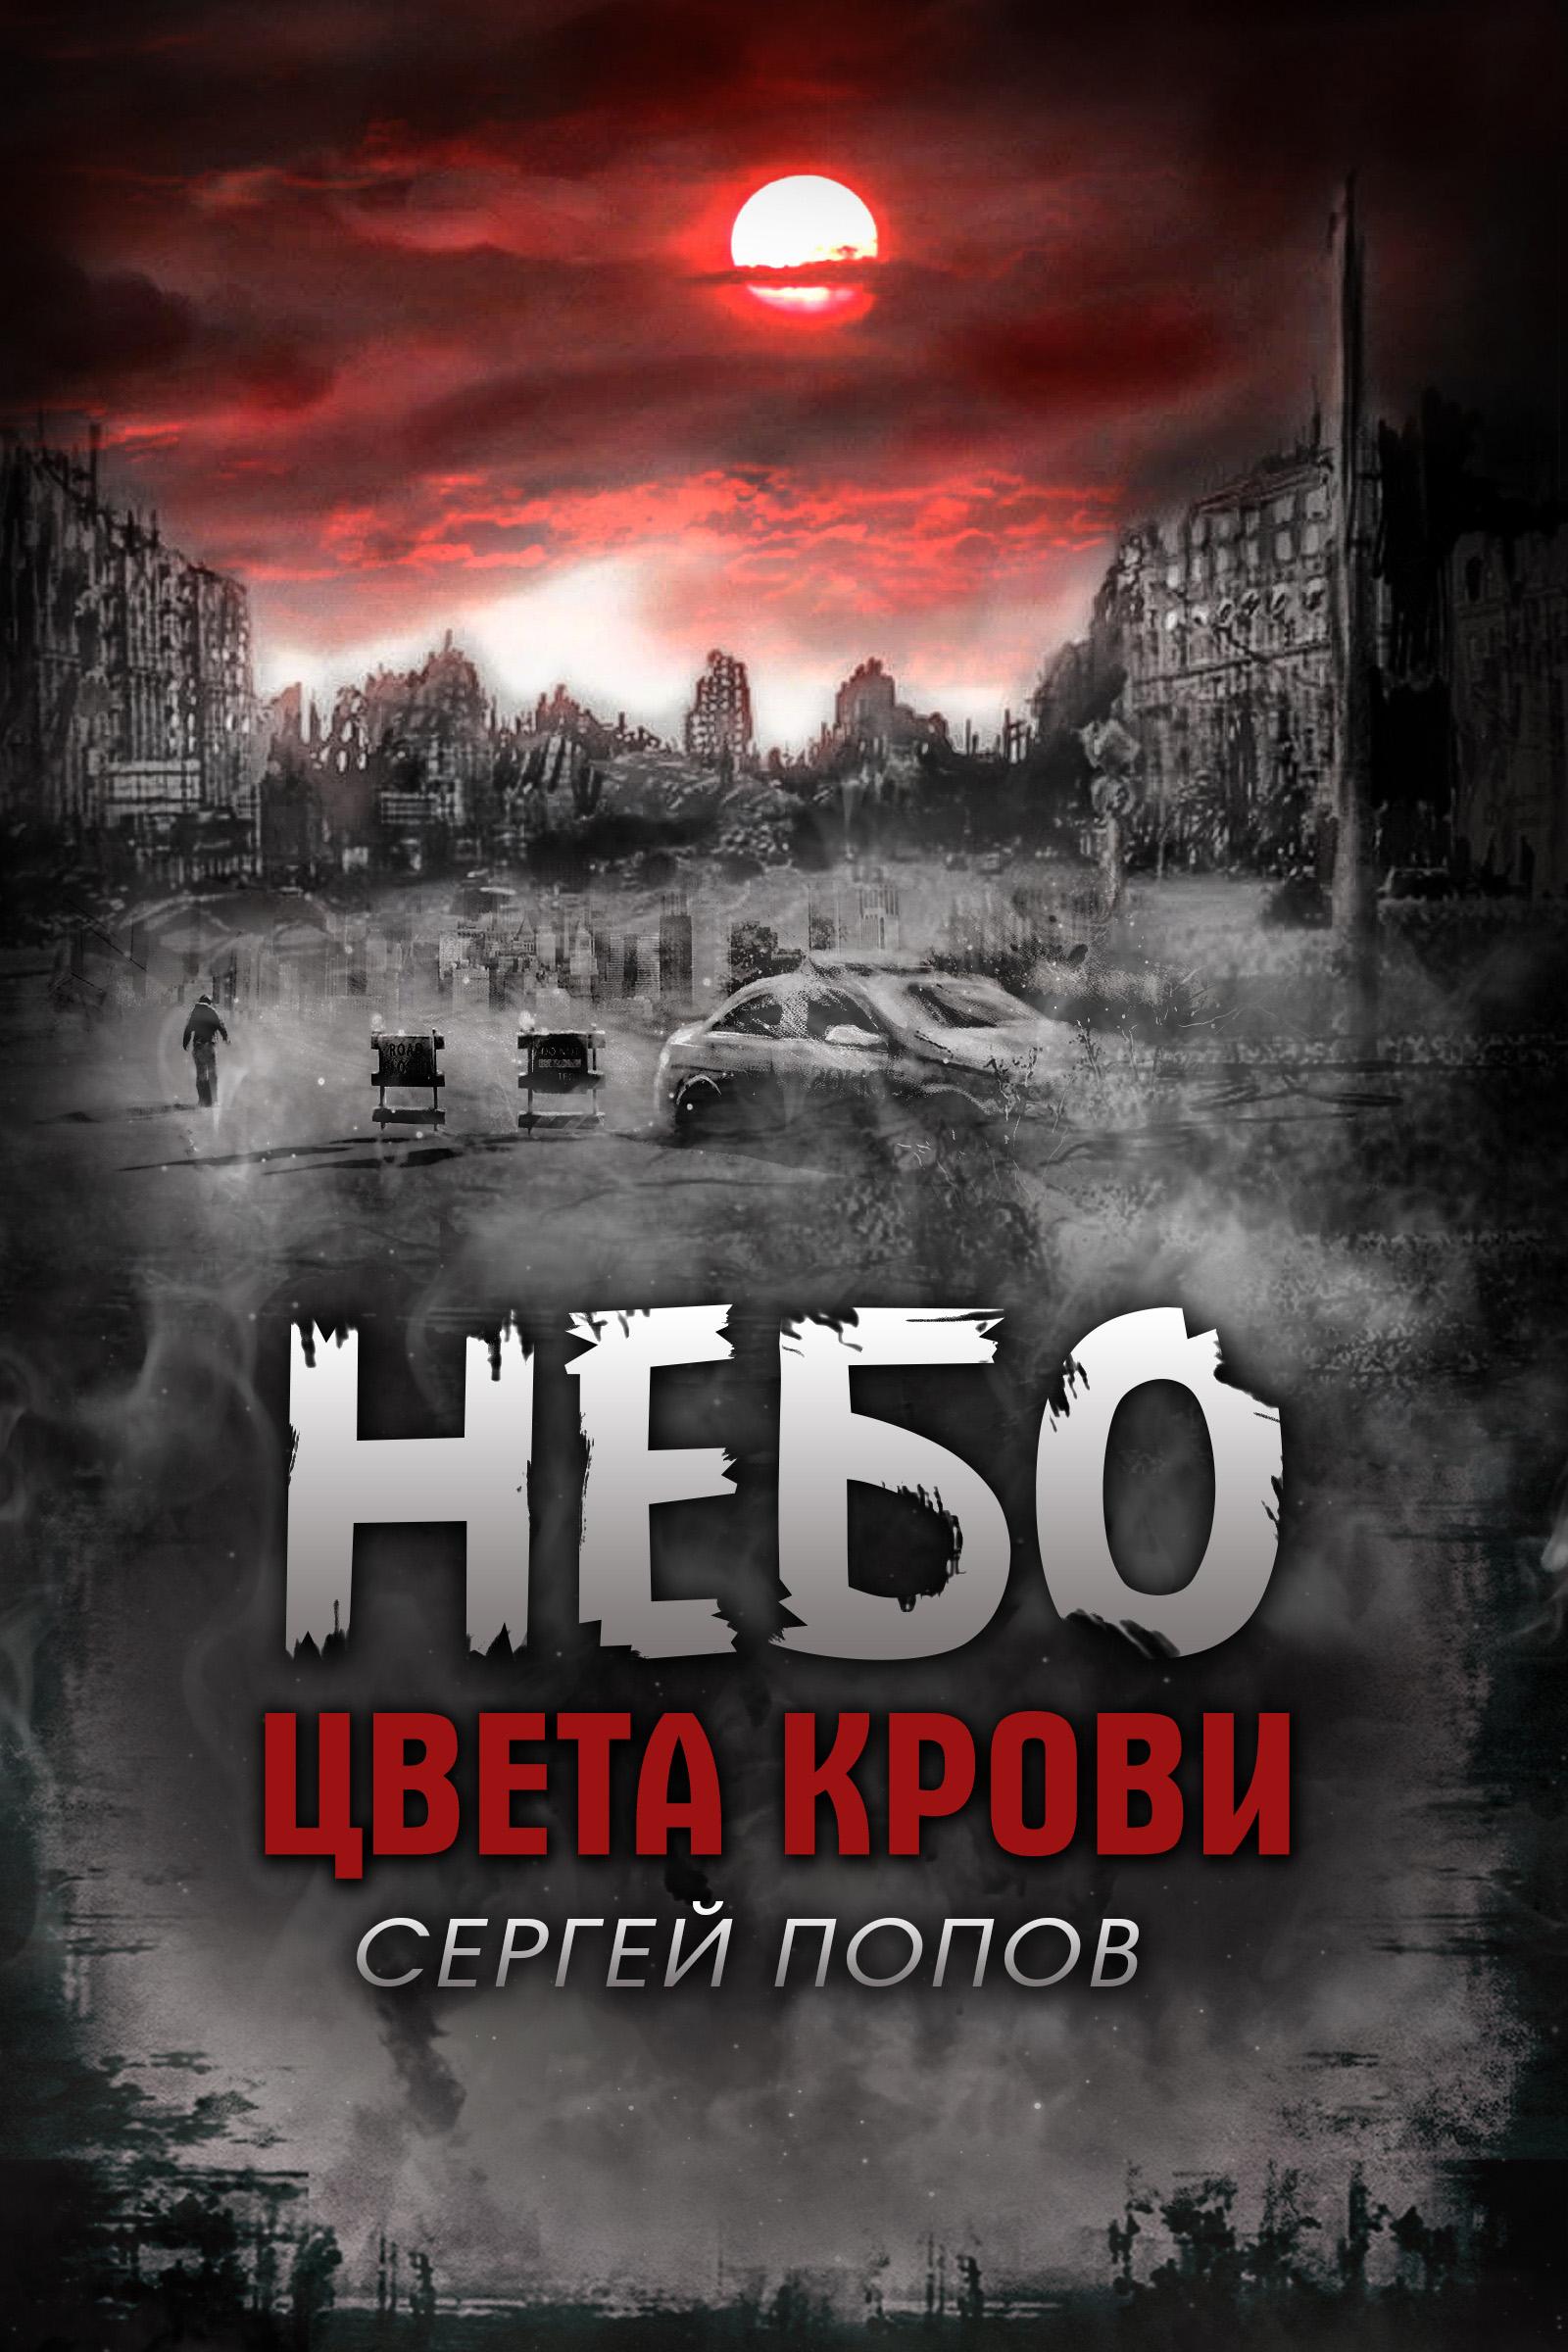 Сергей Попов Небо цвета крови